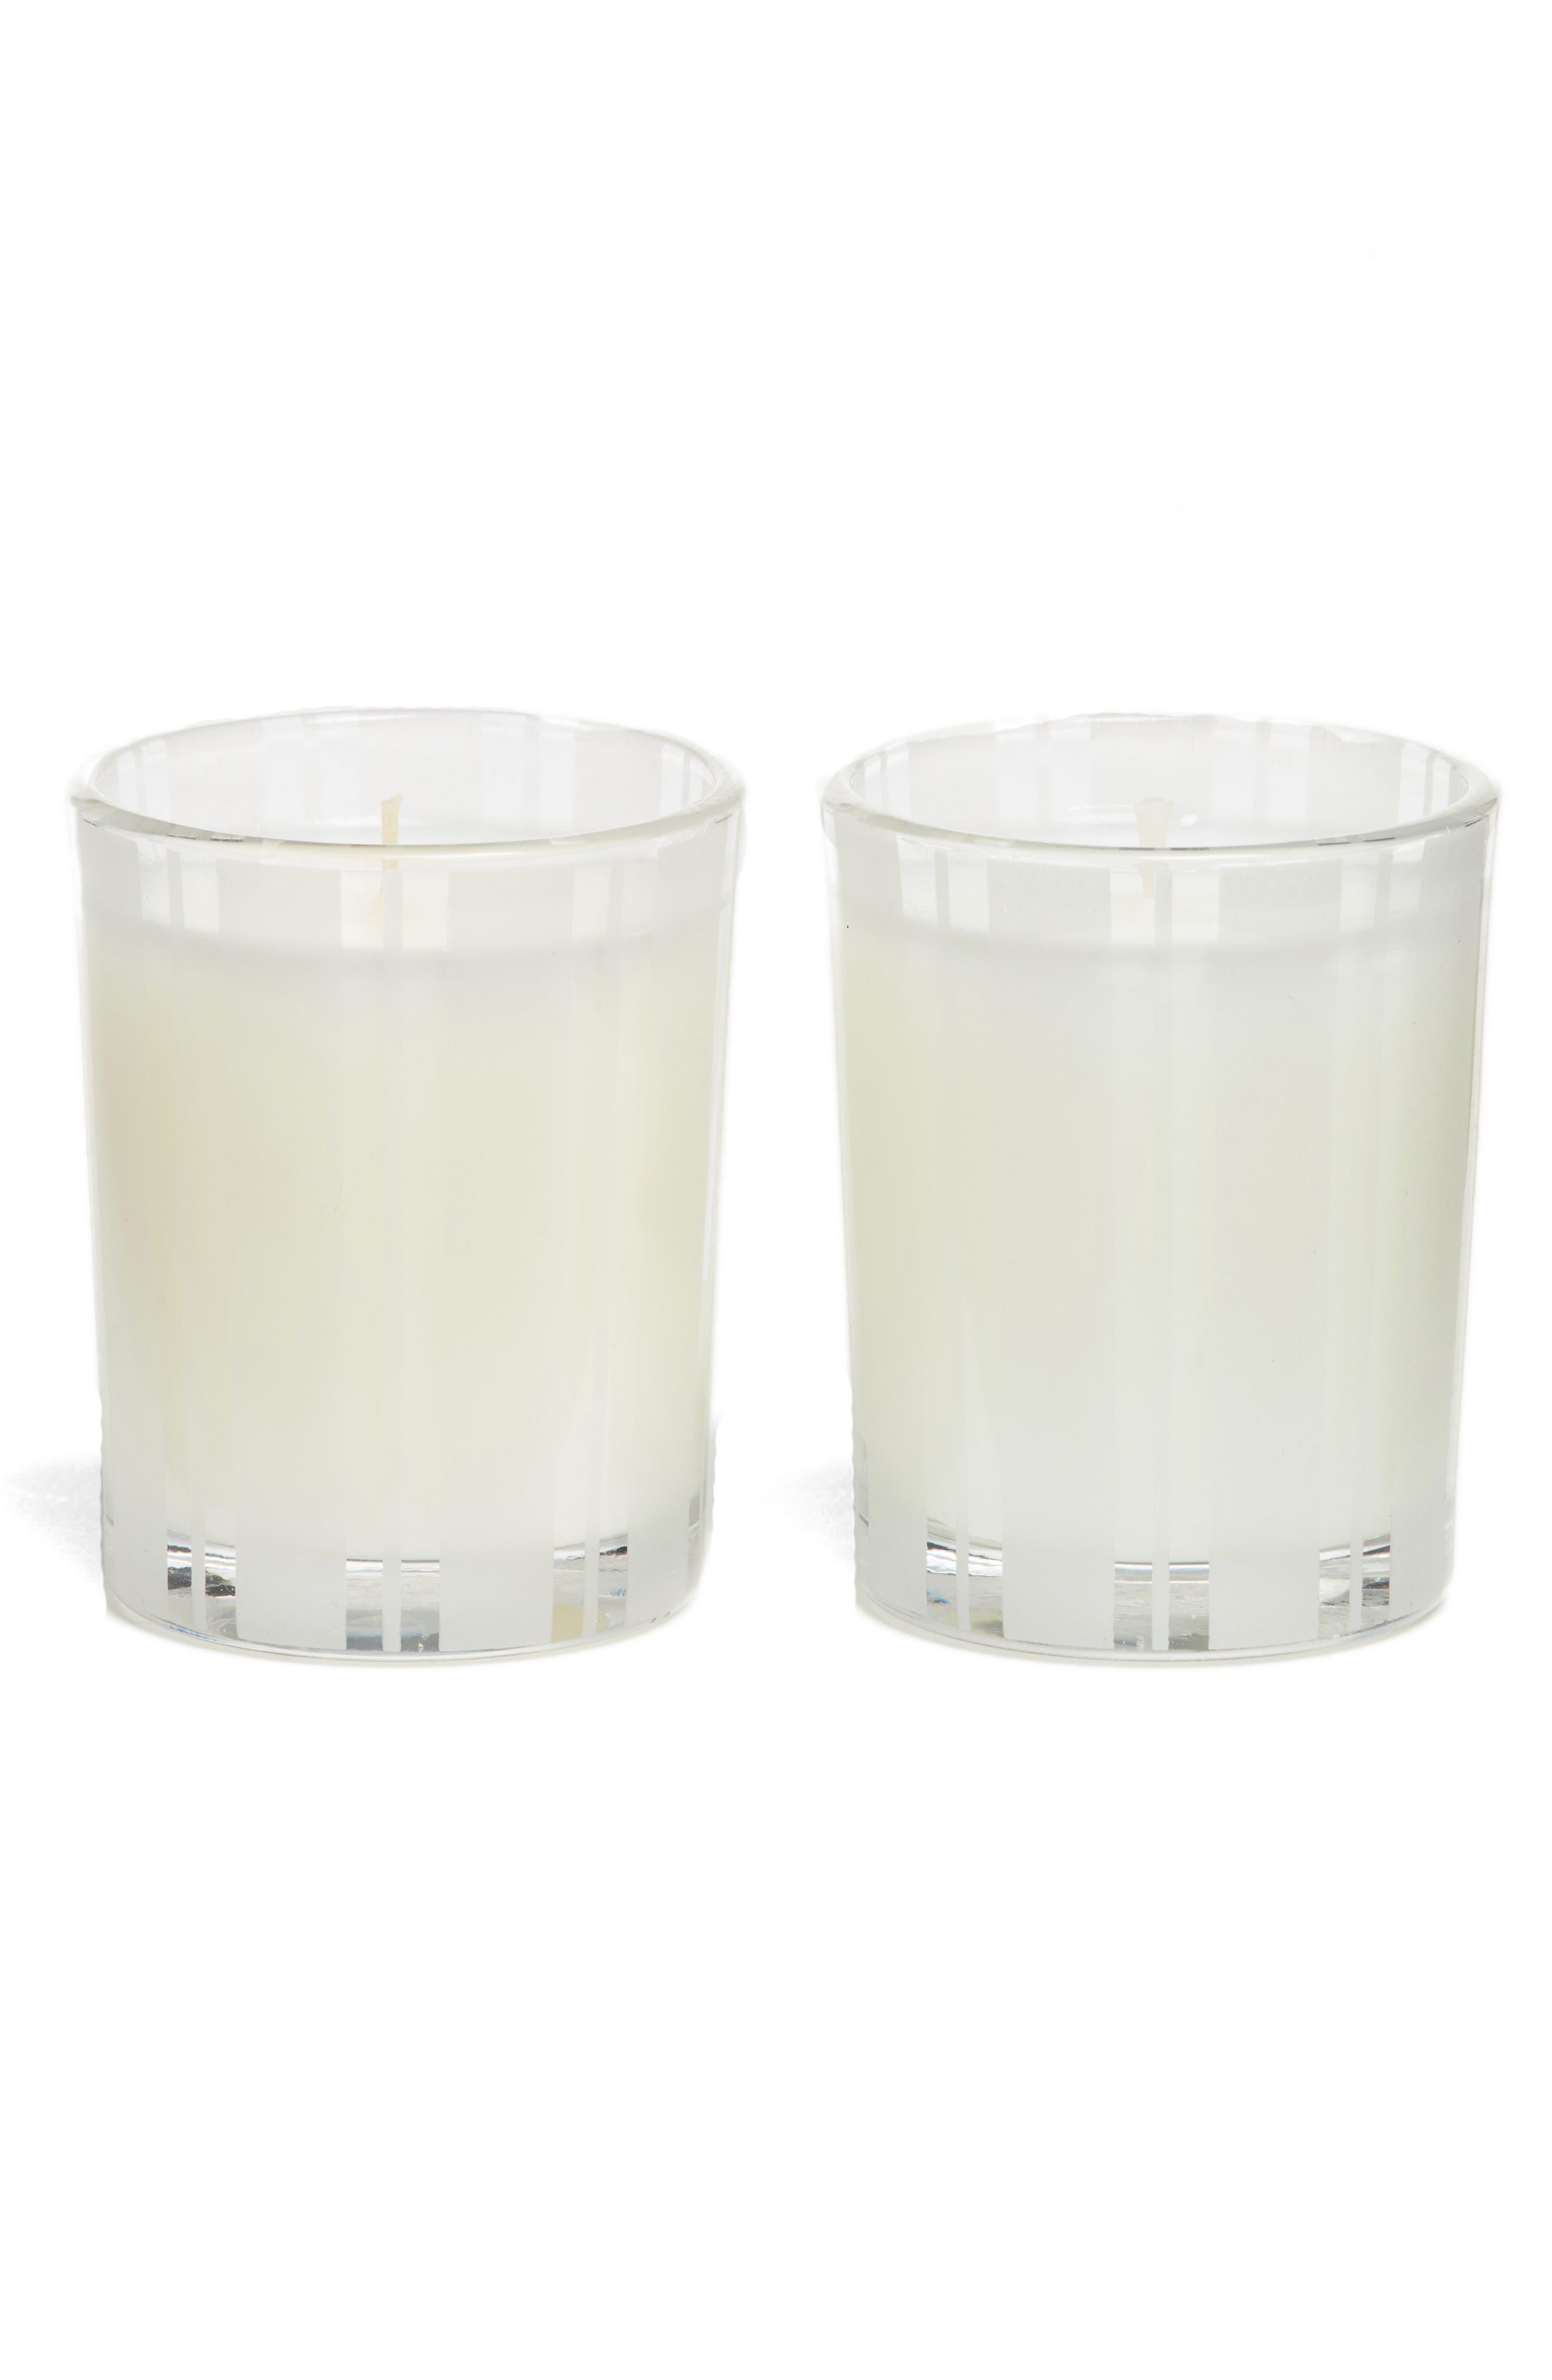 Main Image - NEST Fragrances Bamboo & Grapefruit Votive Candle Duo ($32 Value)